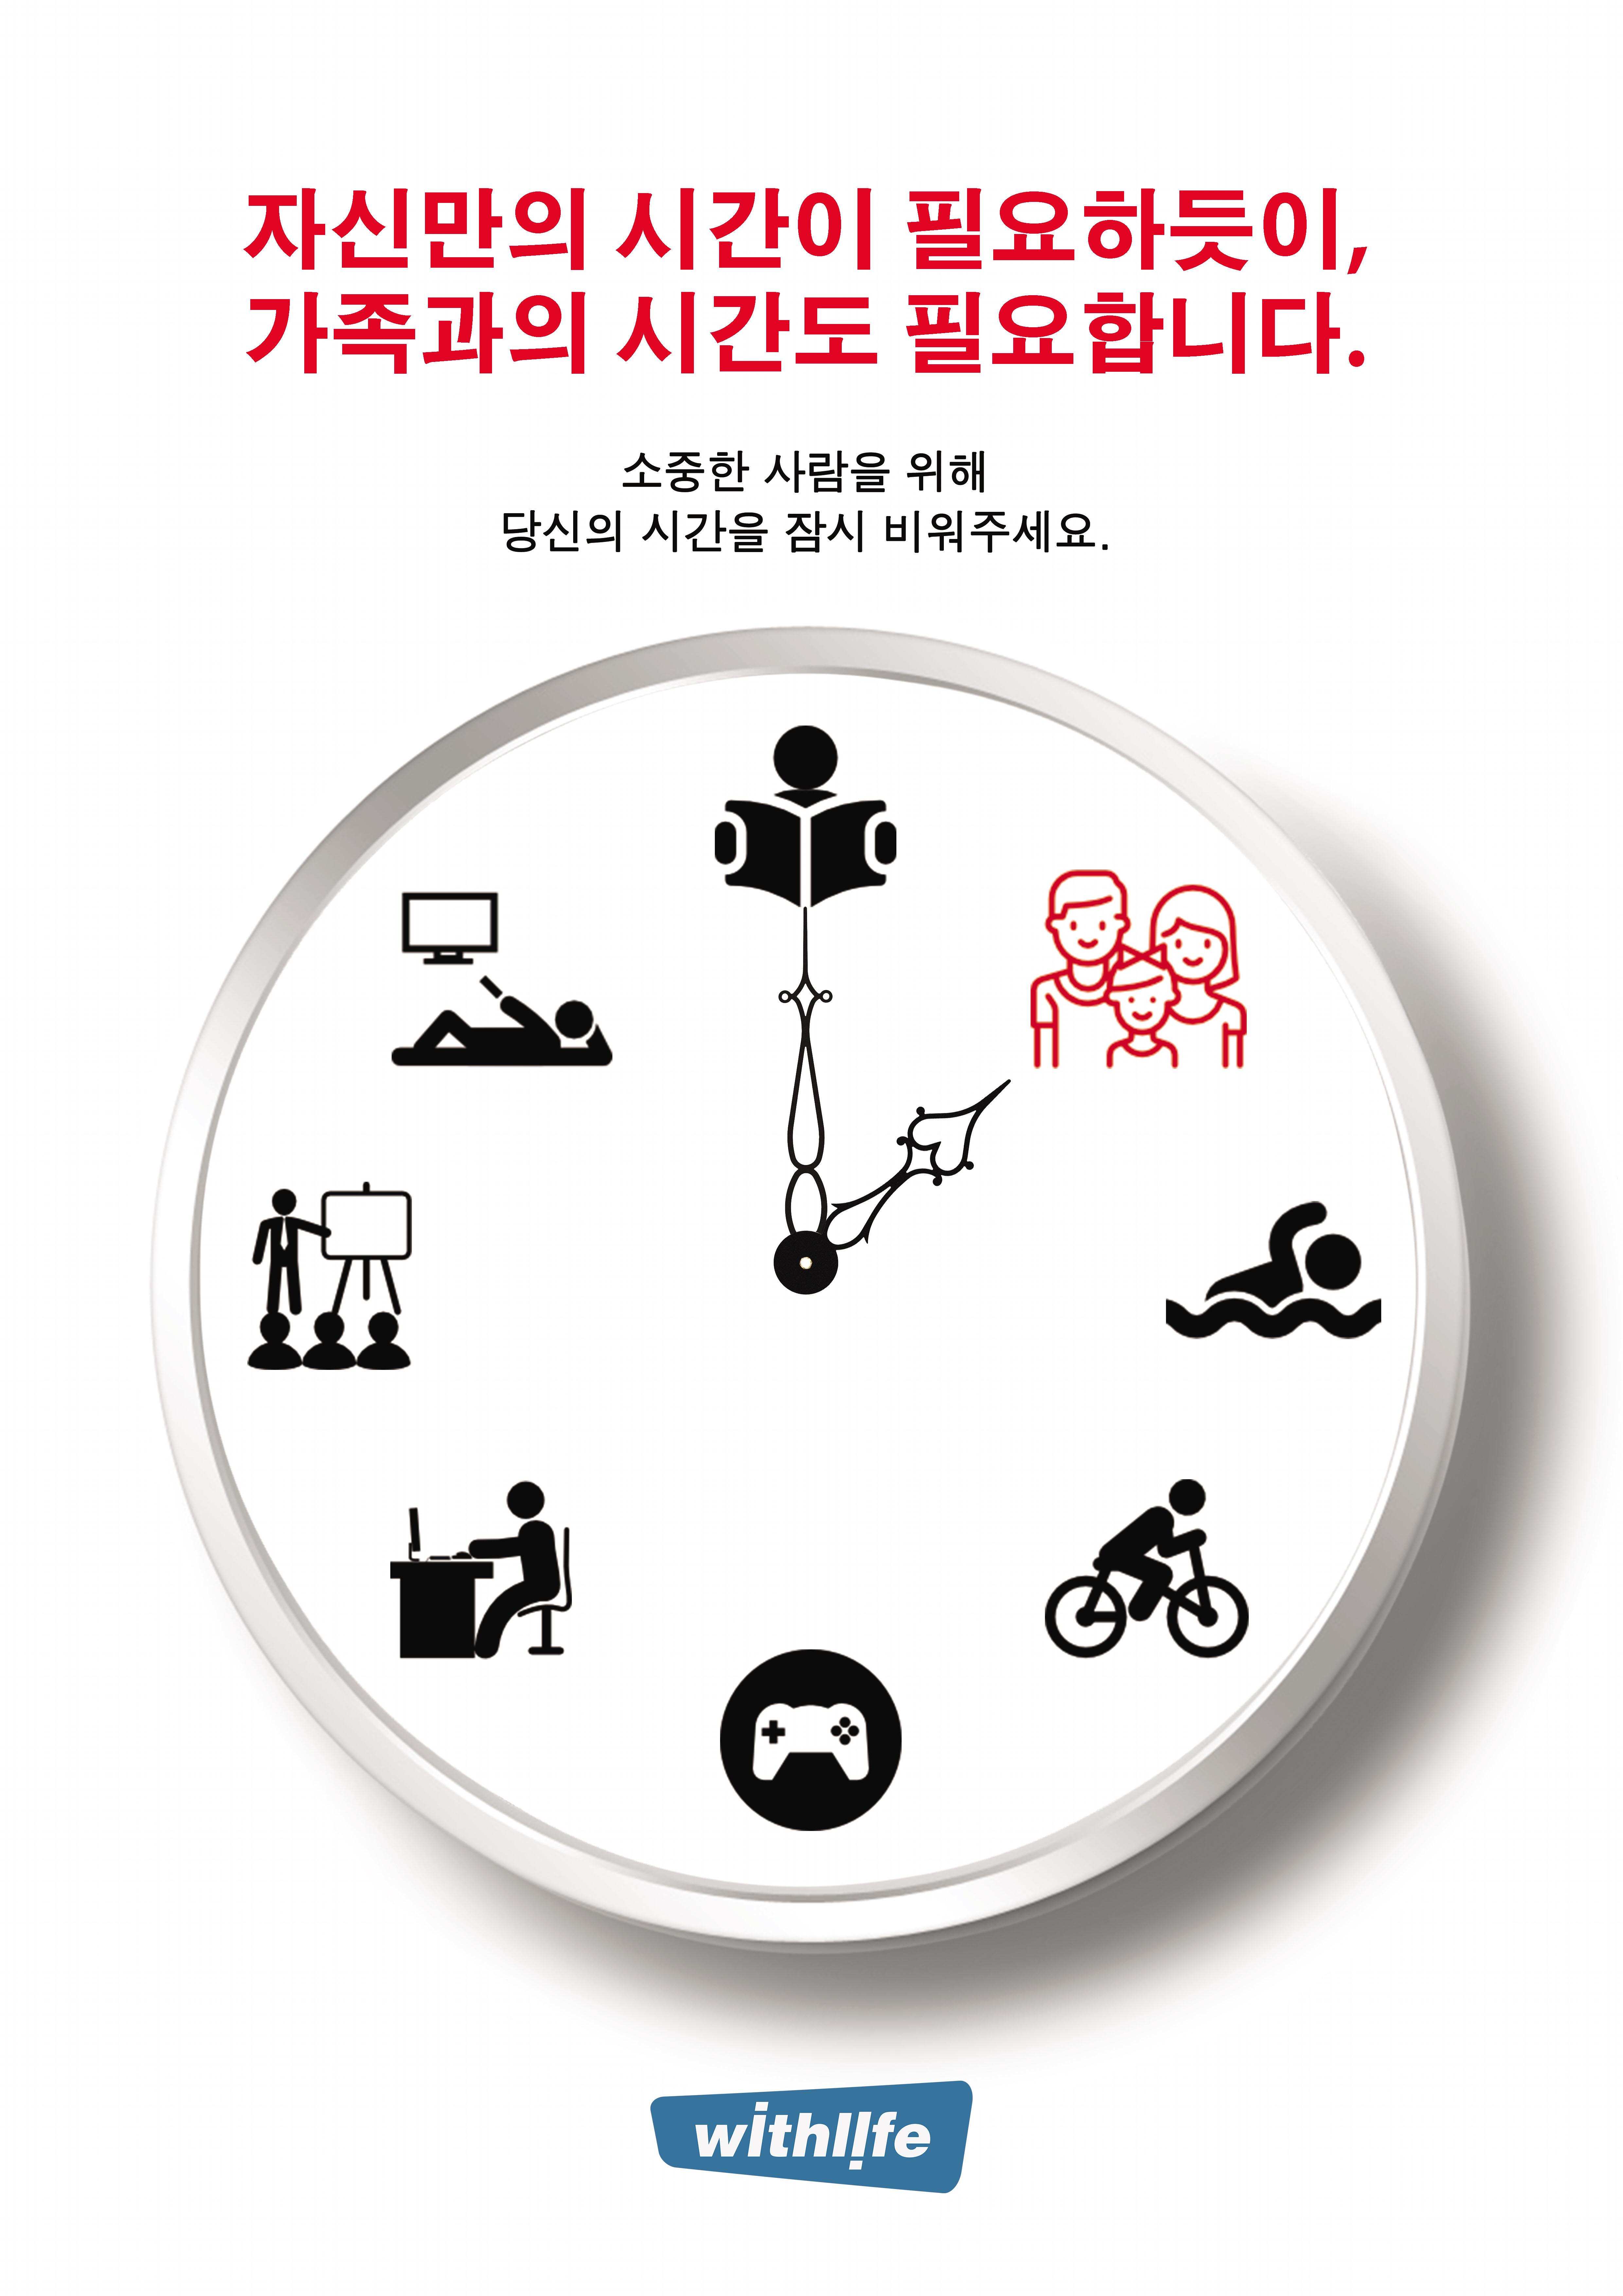 포맷변환_박경식 위드라이프 완성본.jpg